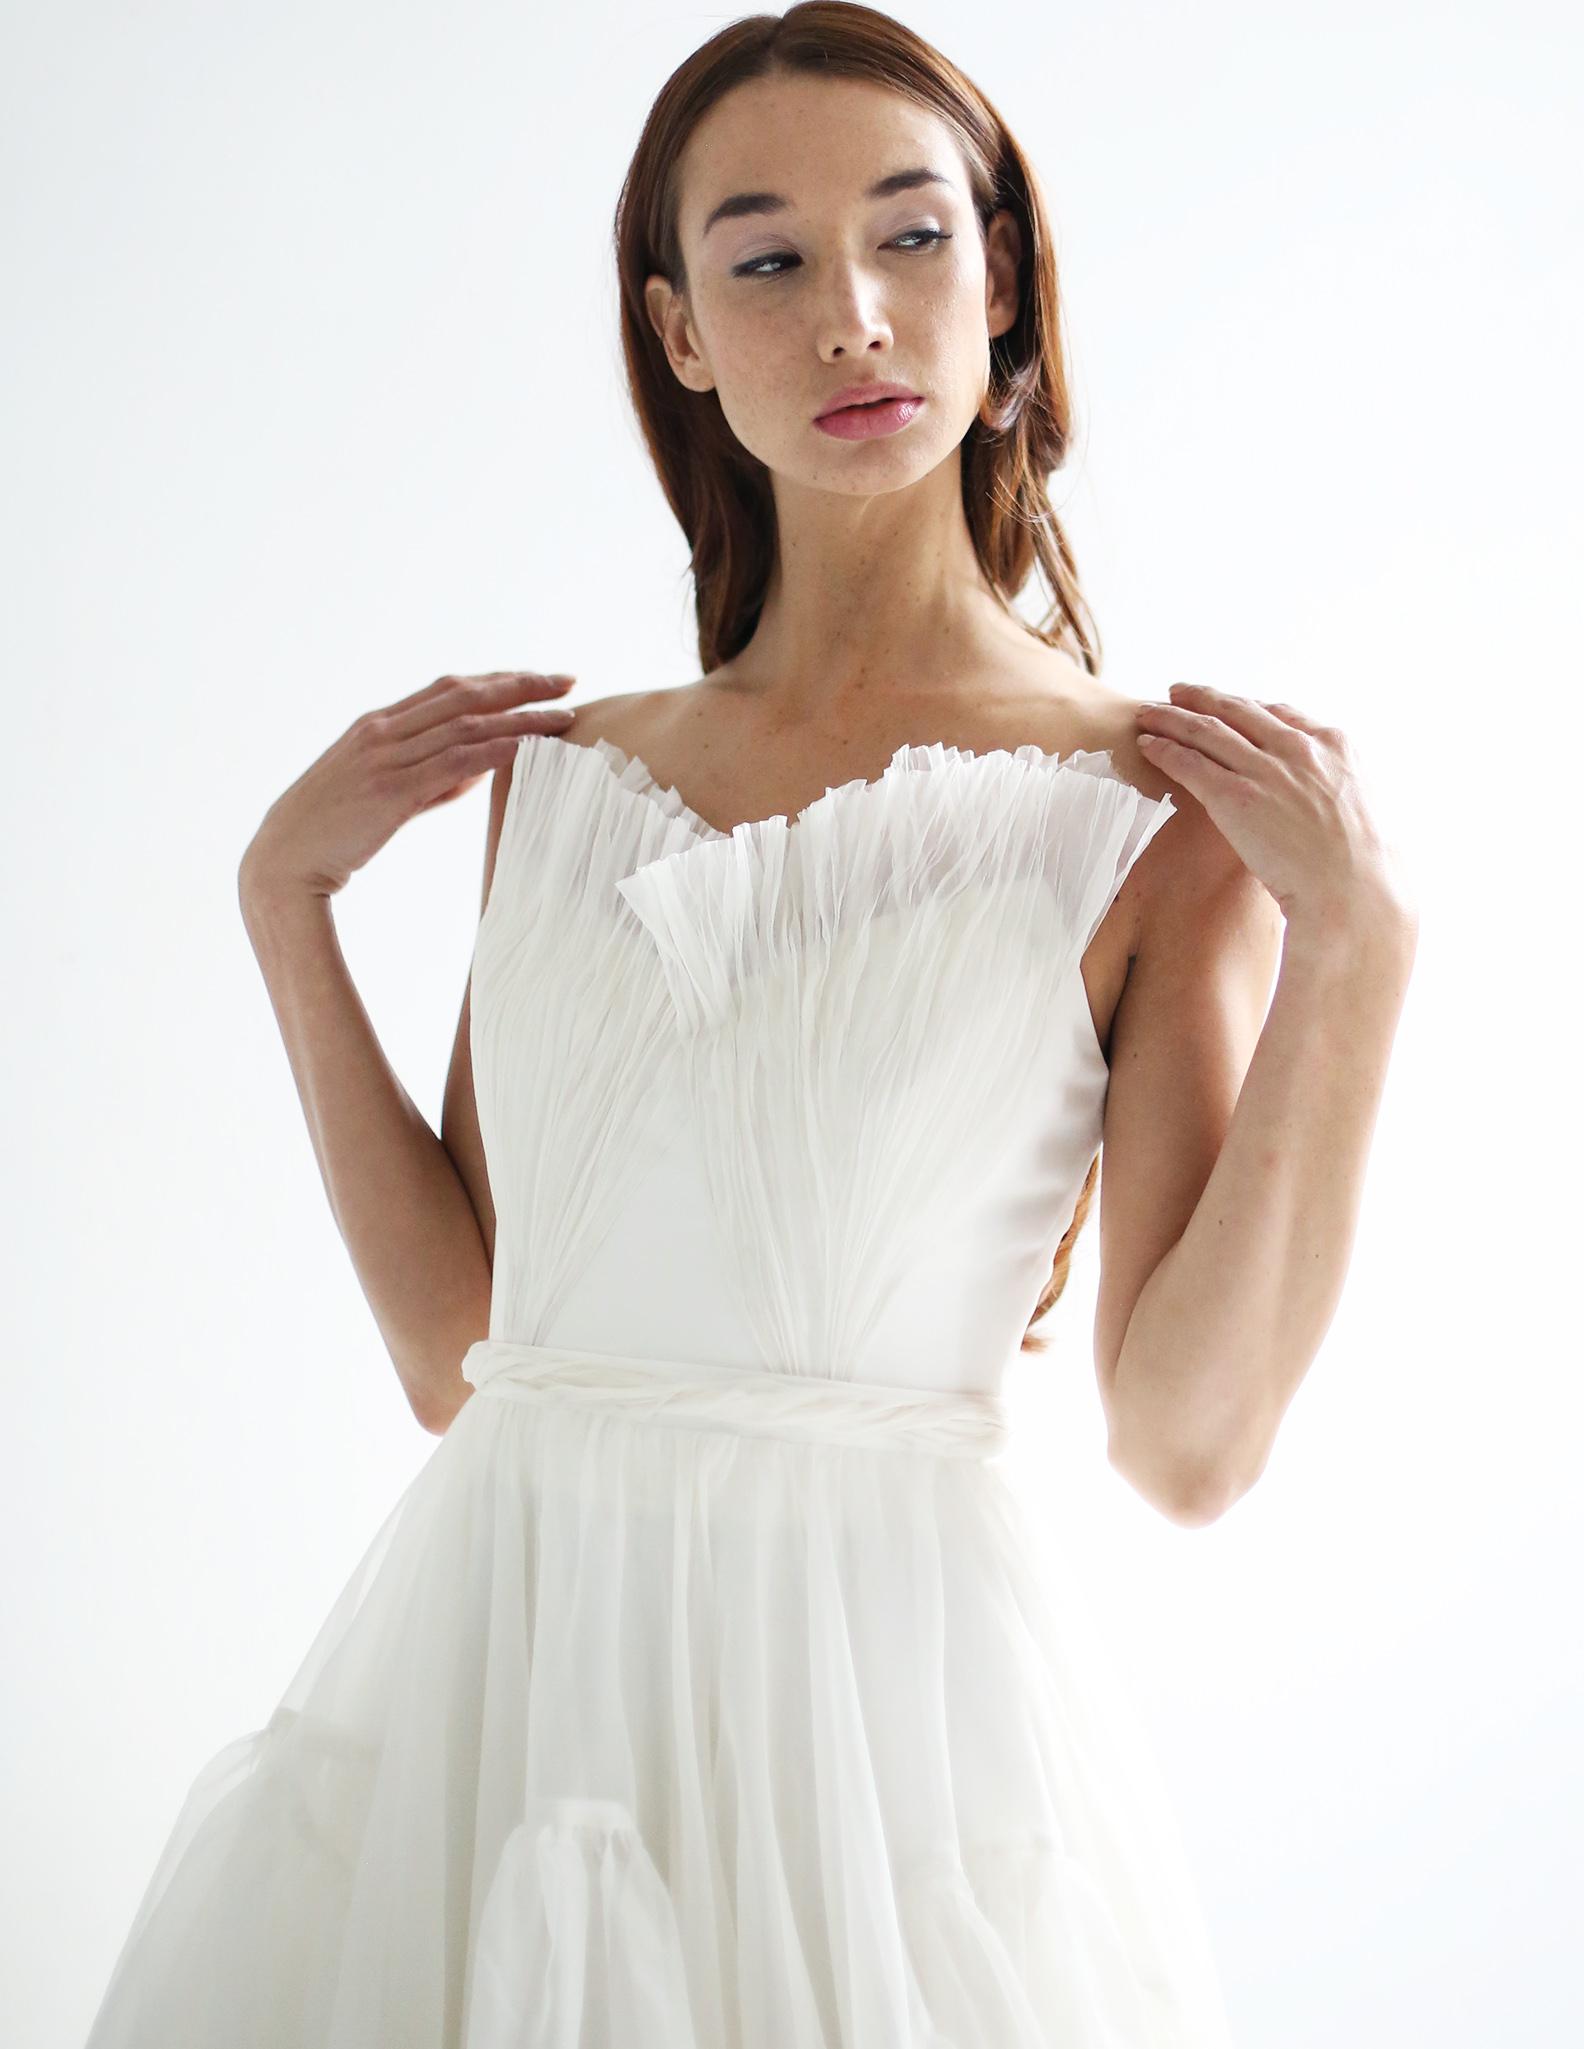 leanne-marshall-bridal-25.jpg